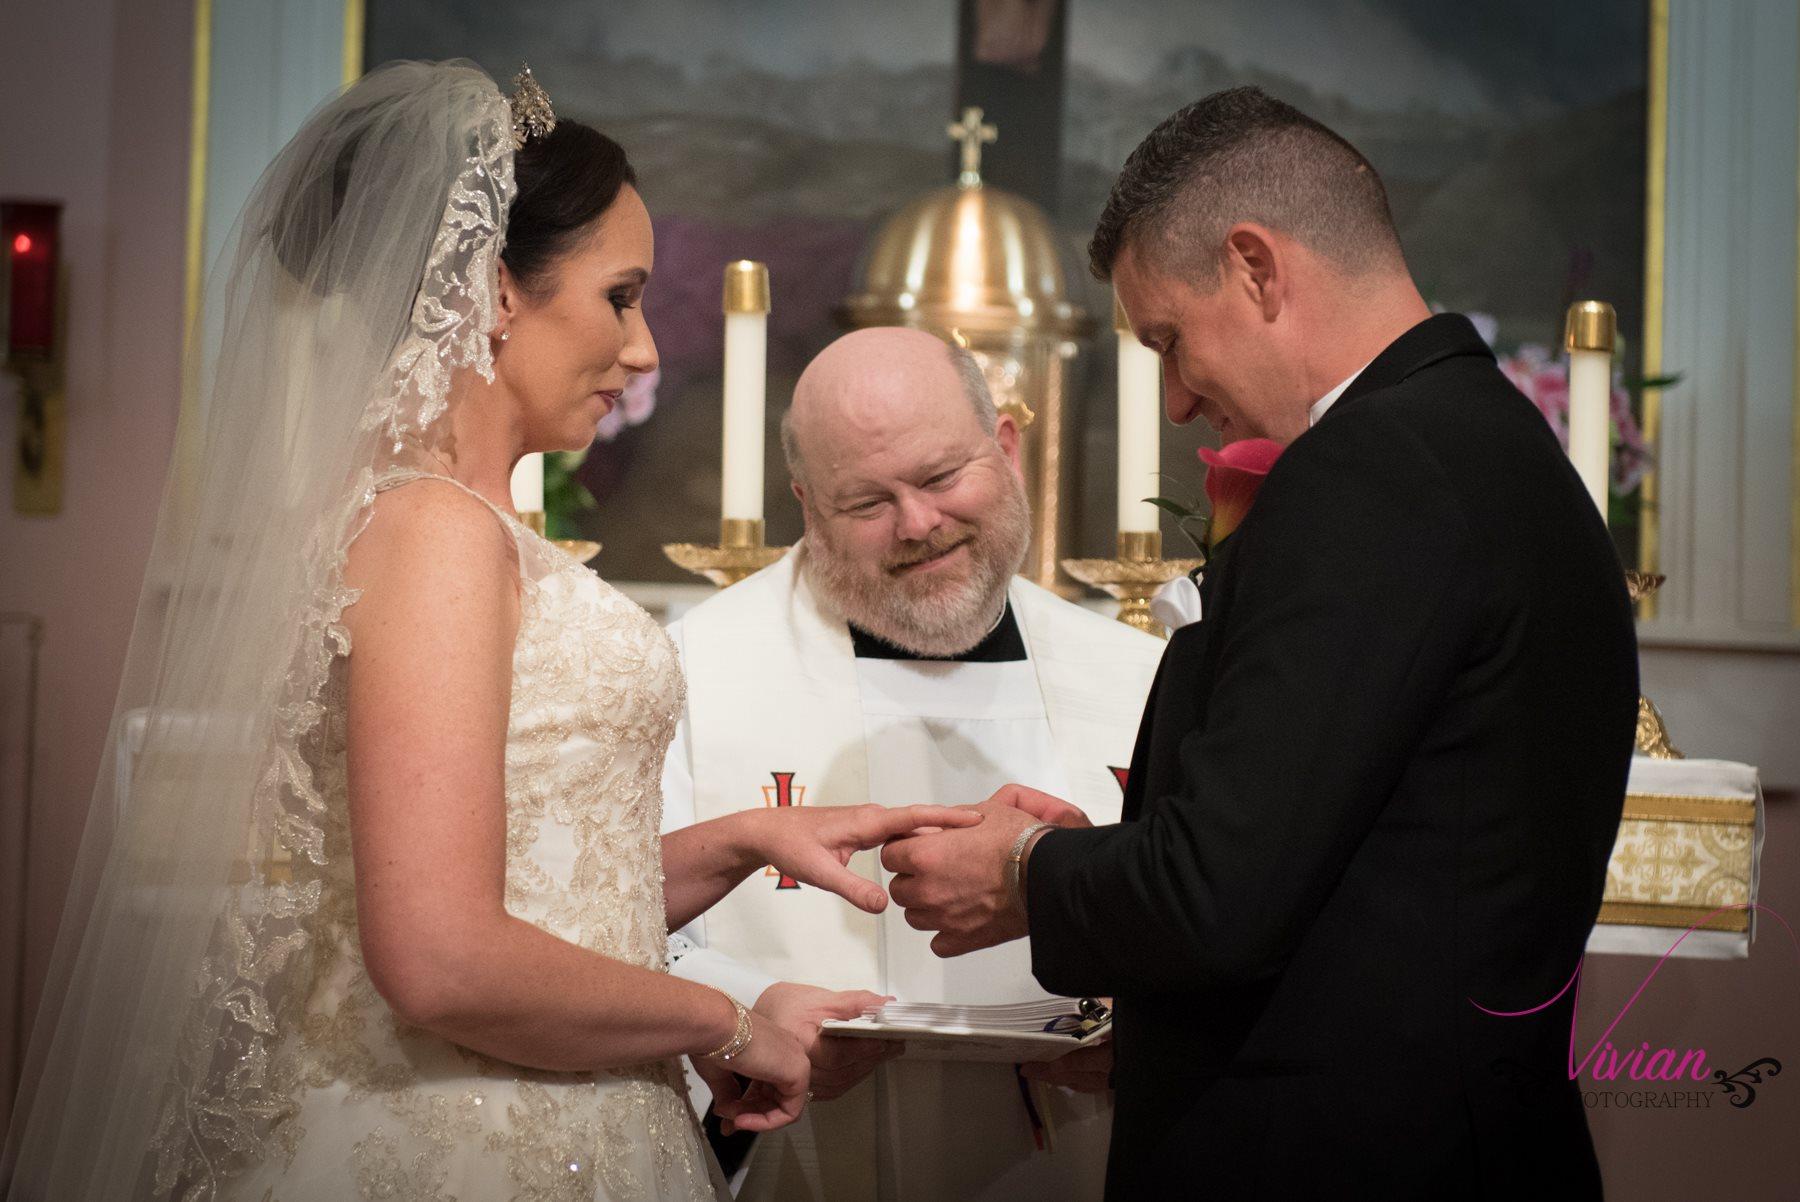 groom-putting-ring-on-bride.jpg